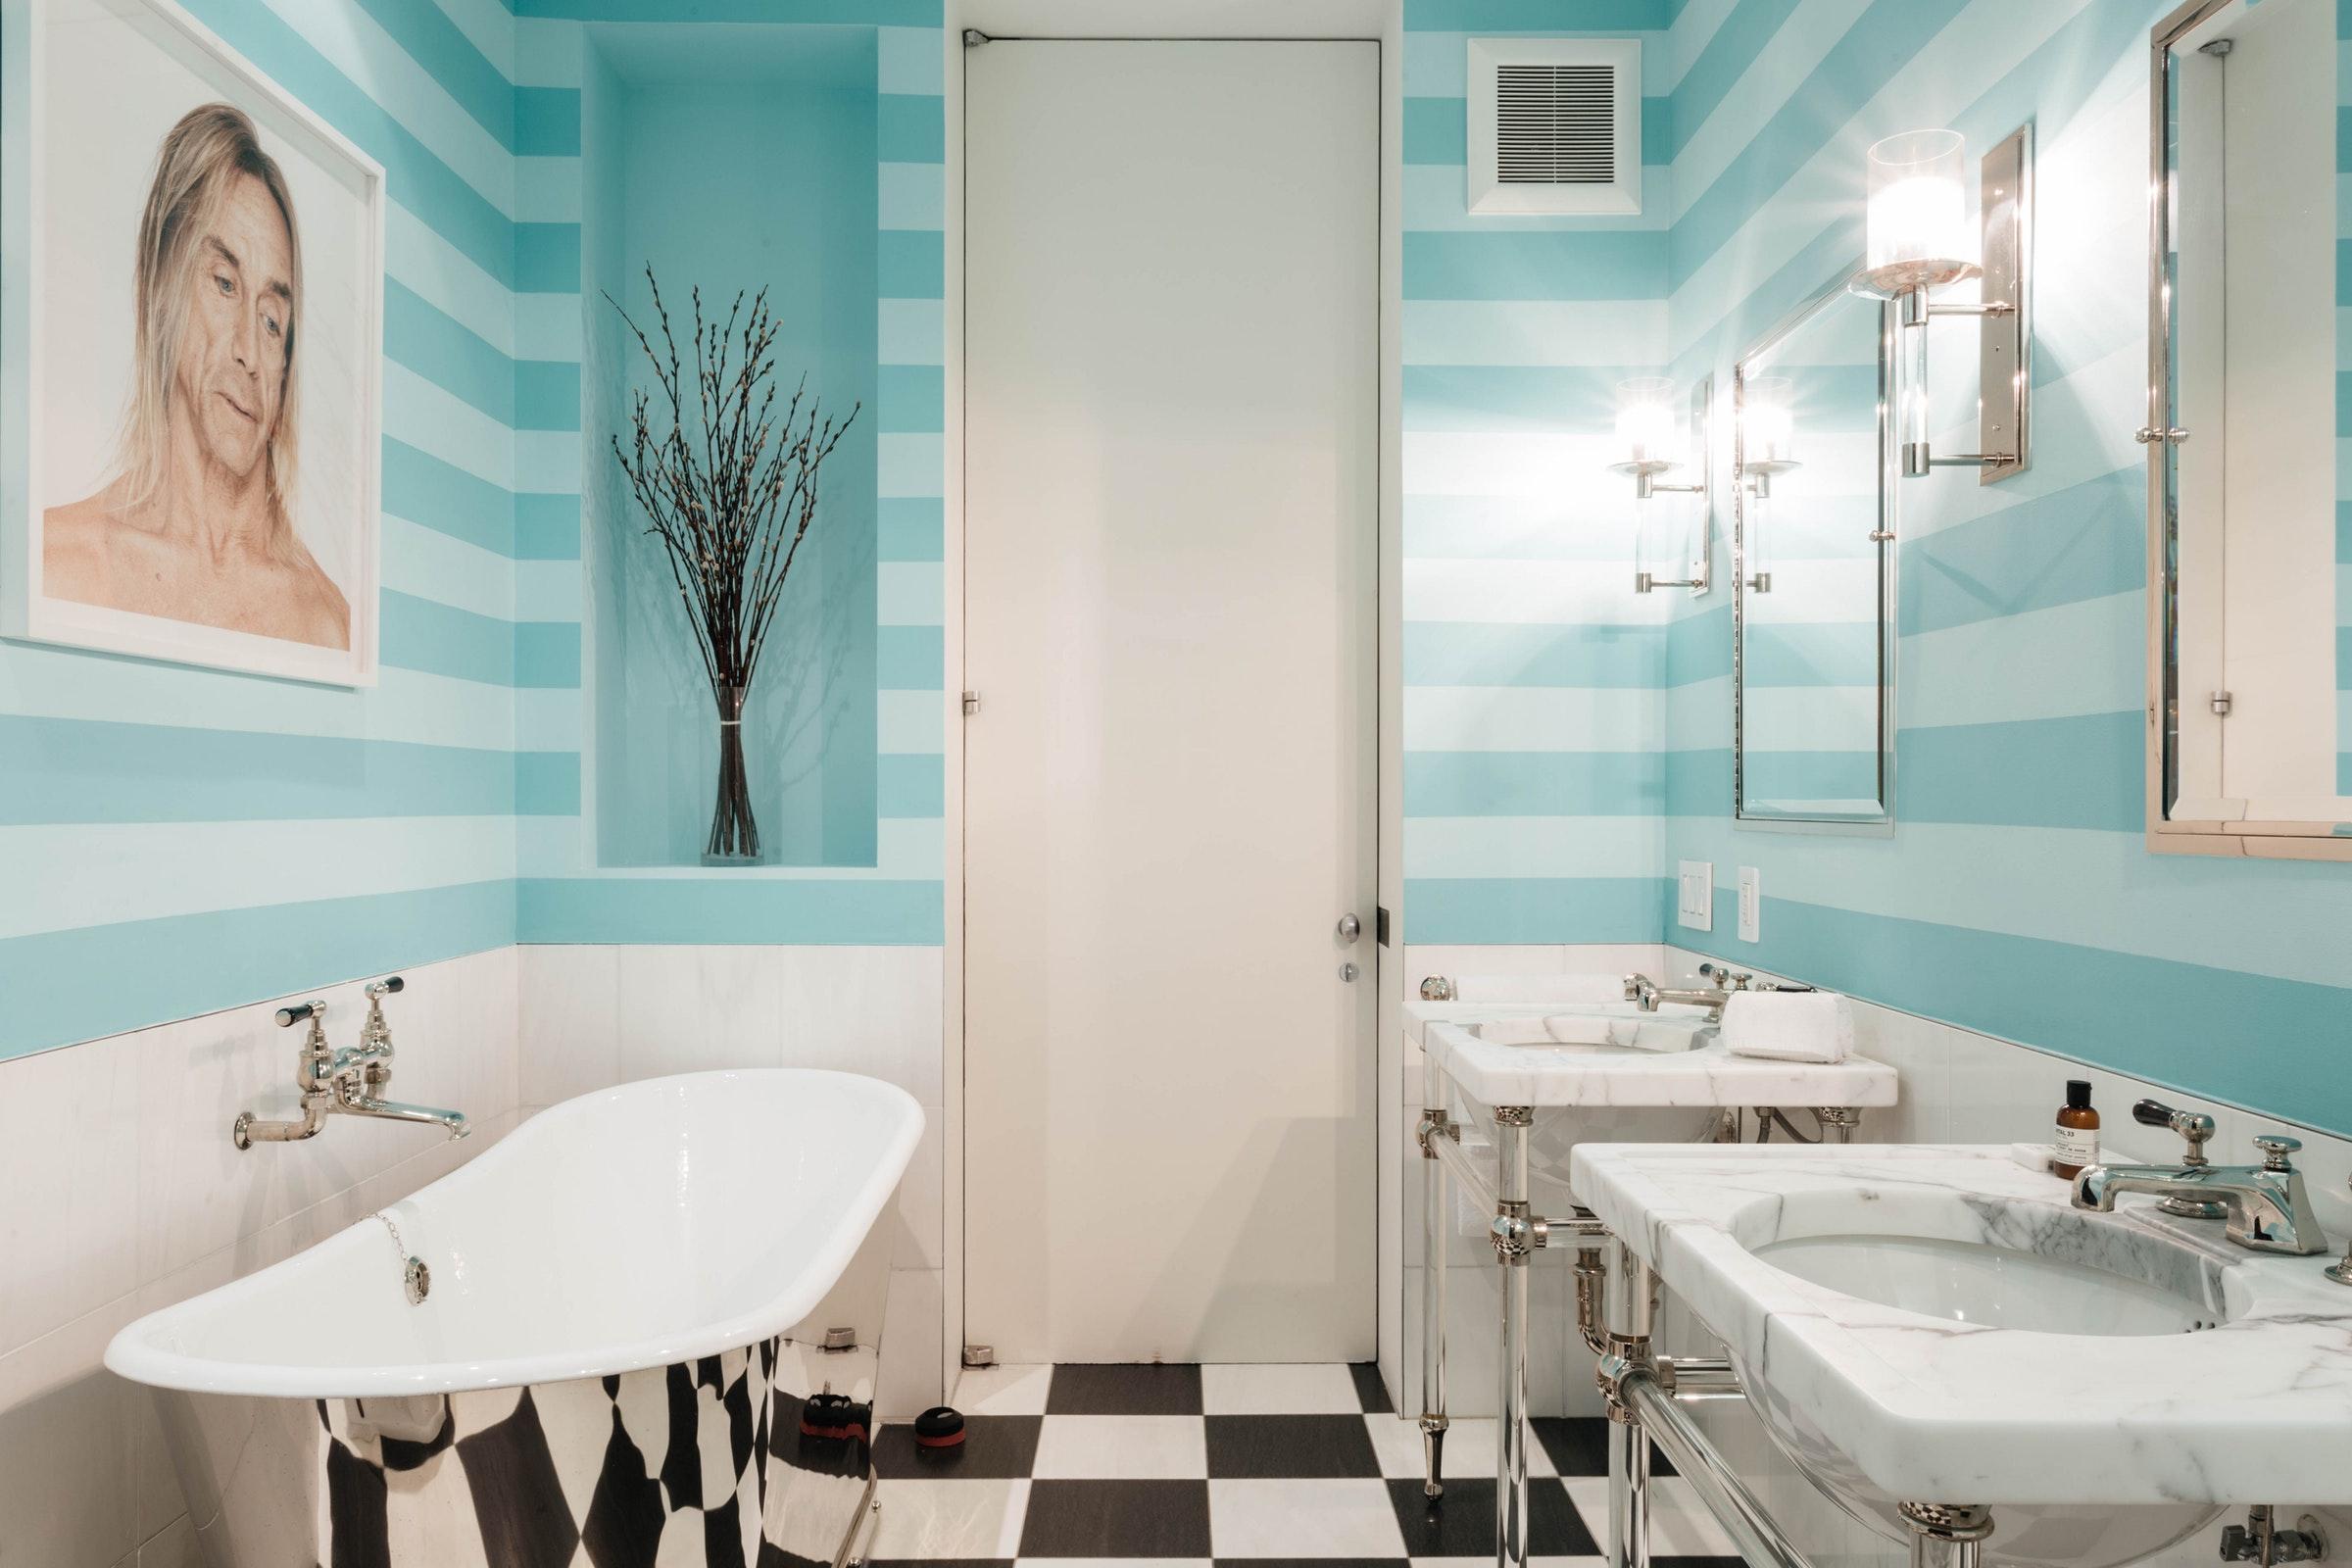 ванная комната раковина зеркало смеситель шахматная плитка настенные светильники